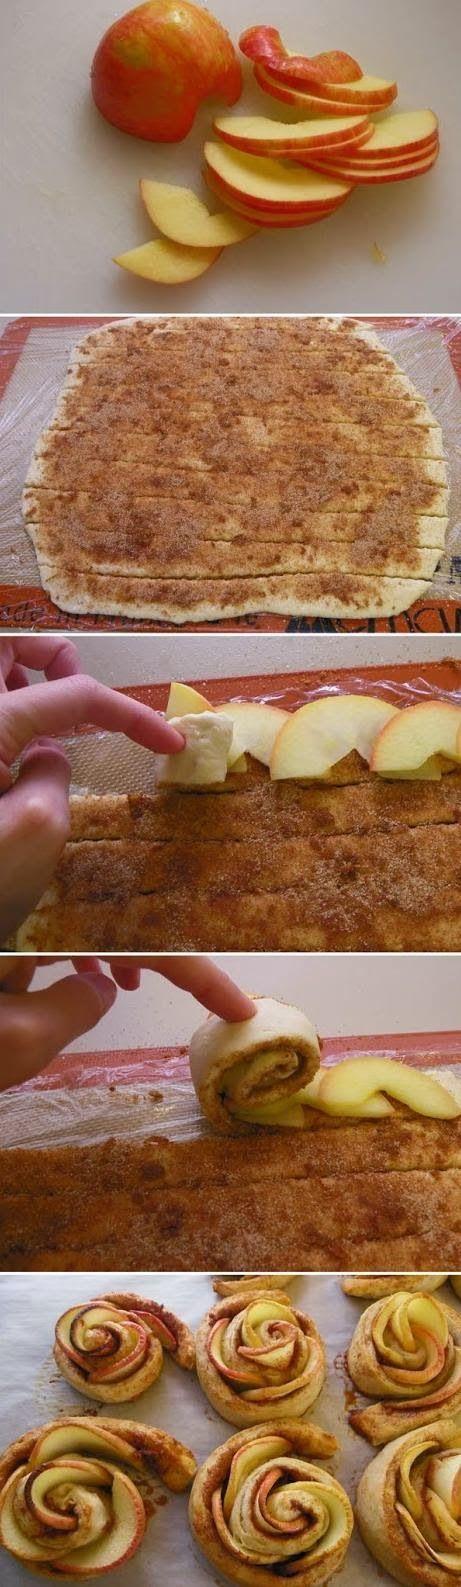 Apple Roses Roses  3 stredné jablká 4 PL cukru 2 PL citrónovej šťavy múka na posypanie lístkové cesto 5 PL cukru 2 ČL mletej škorice Voda s 4 PL cukru a citrón šťava k varu. Pridajte plátky jabĺk; varíme asi 3 min (ohýbať bez lámania).Cesto posypeme 5 PL cukru a škorice, plátky jabĺk, porezať, zrolovať, do mufin. košíka, piecť 20-25 min